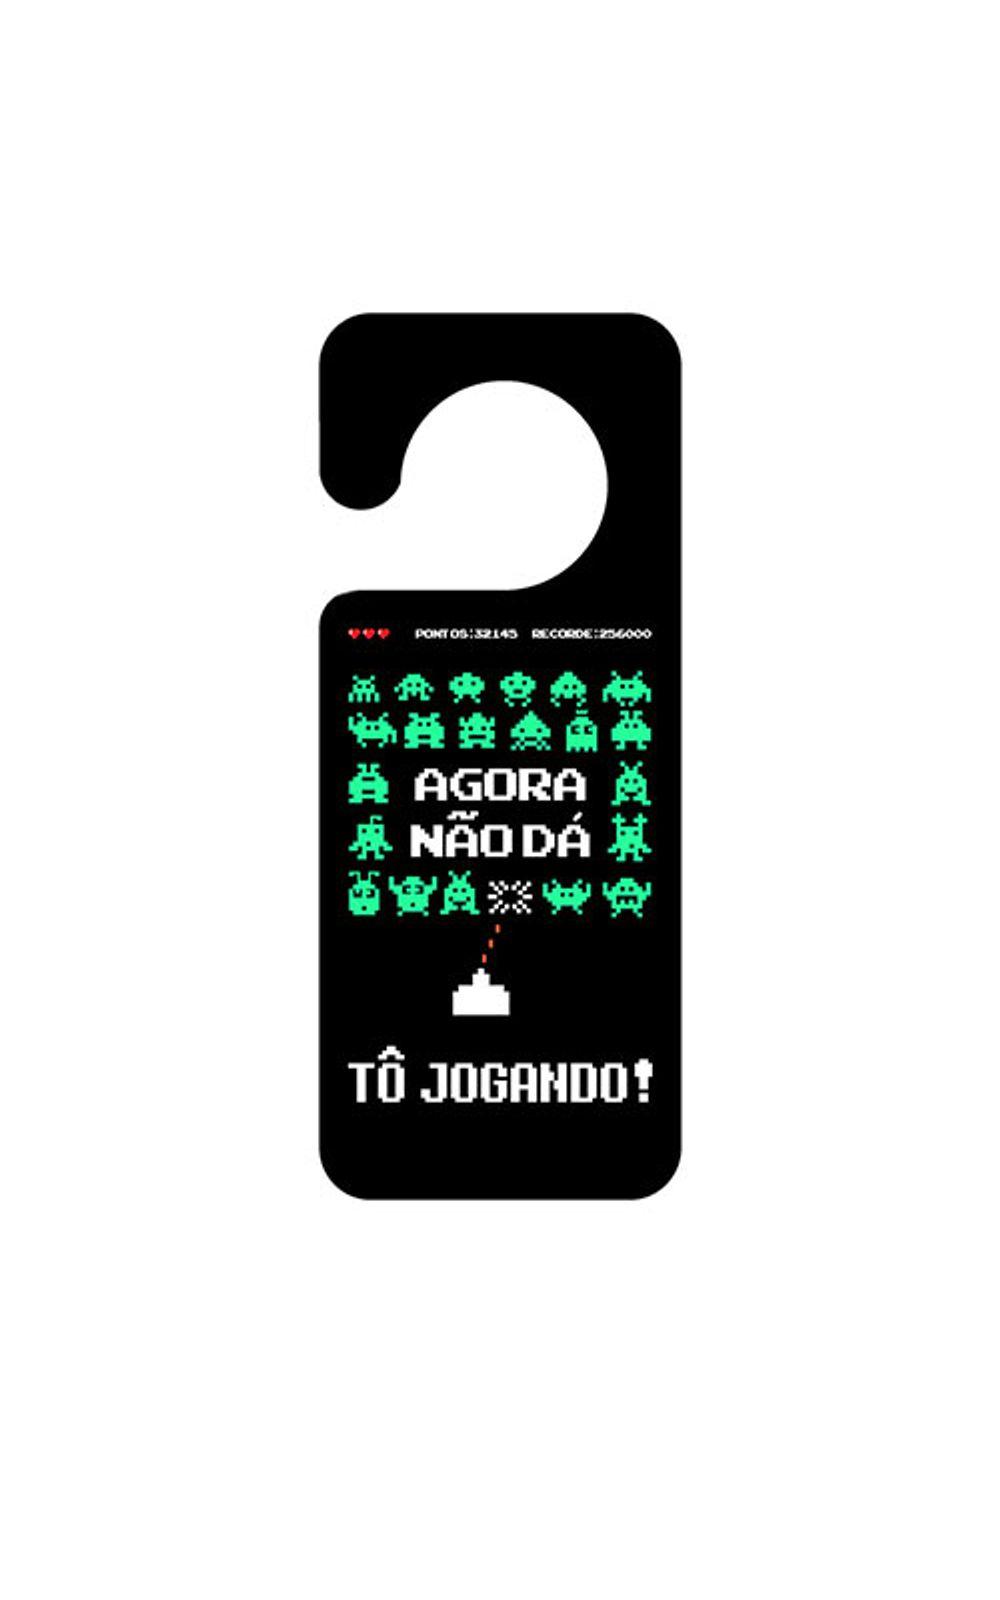 Foto 1 - Aviso de Porta Space Invaders Agora Não Dá Estou Jogando